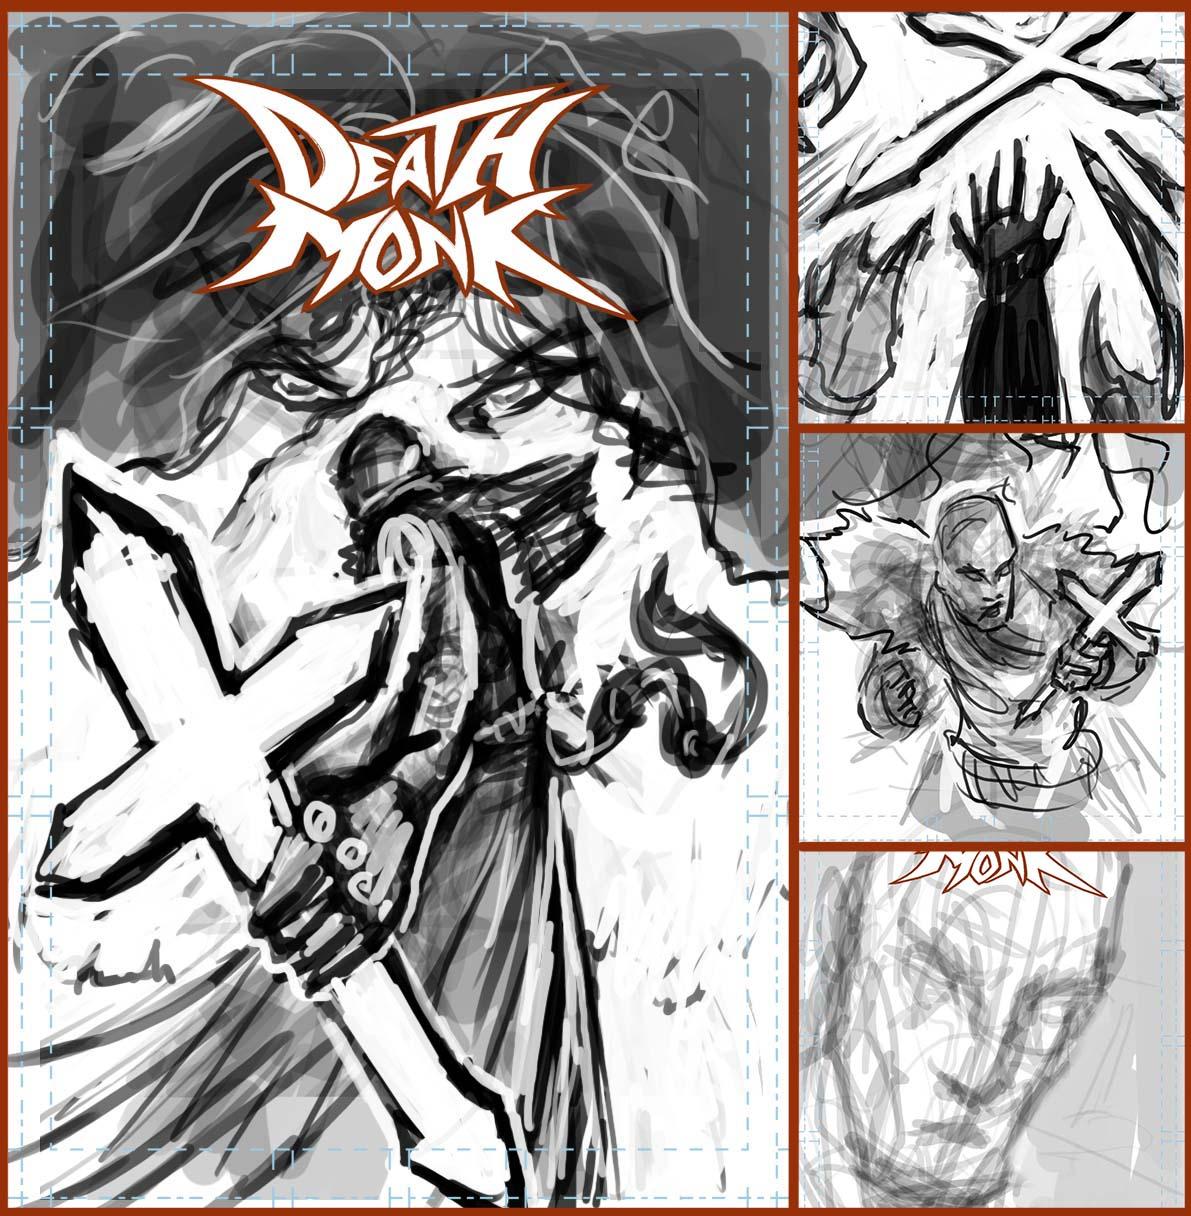 Cover-thumbnails.jpg